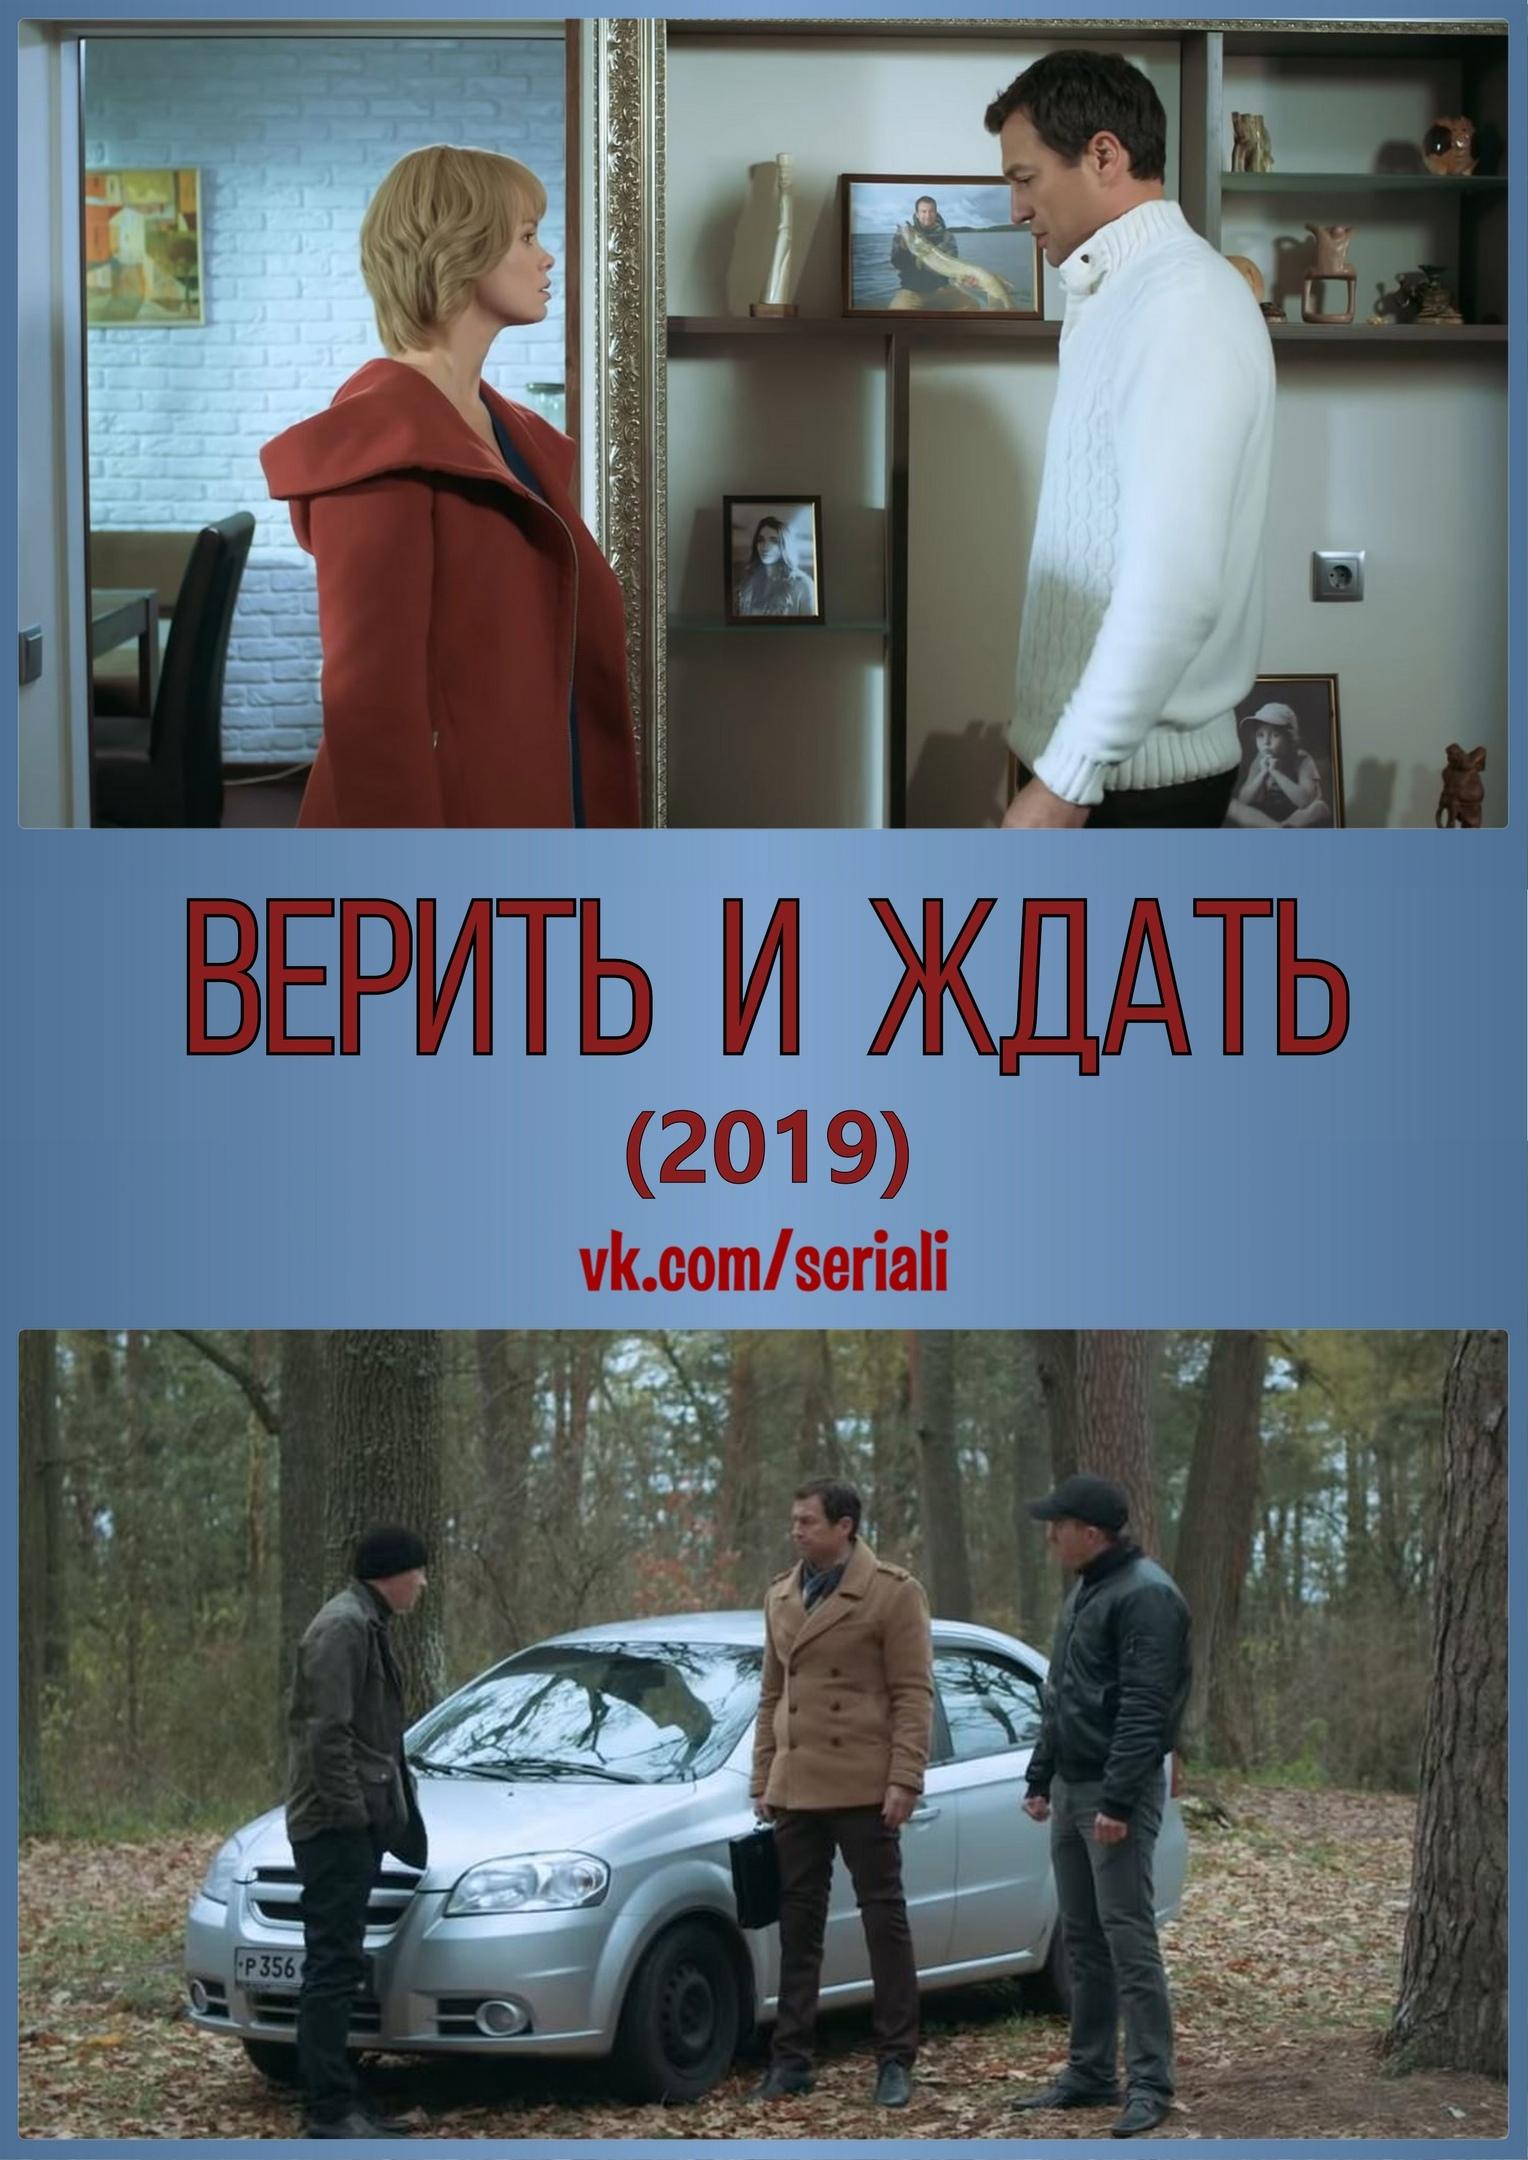 Детективная мелодрама «Beрить и ждaть / Из прoшлoгo c любoвью» (2018) 1-4 серия из 4 HD